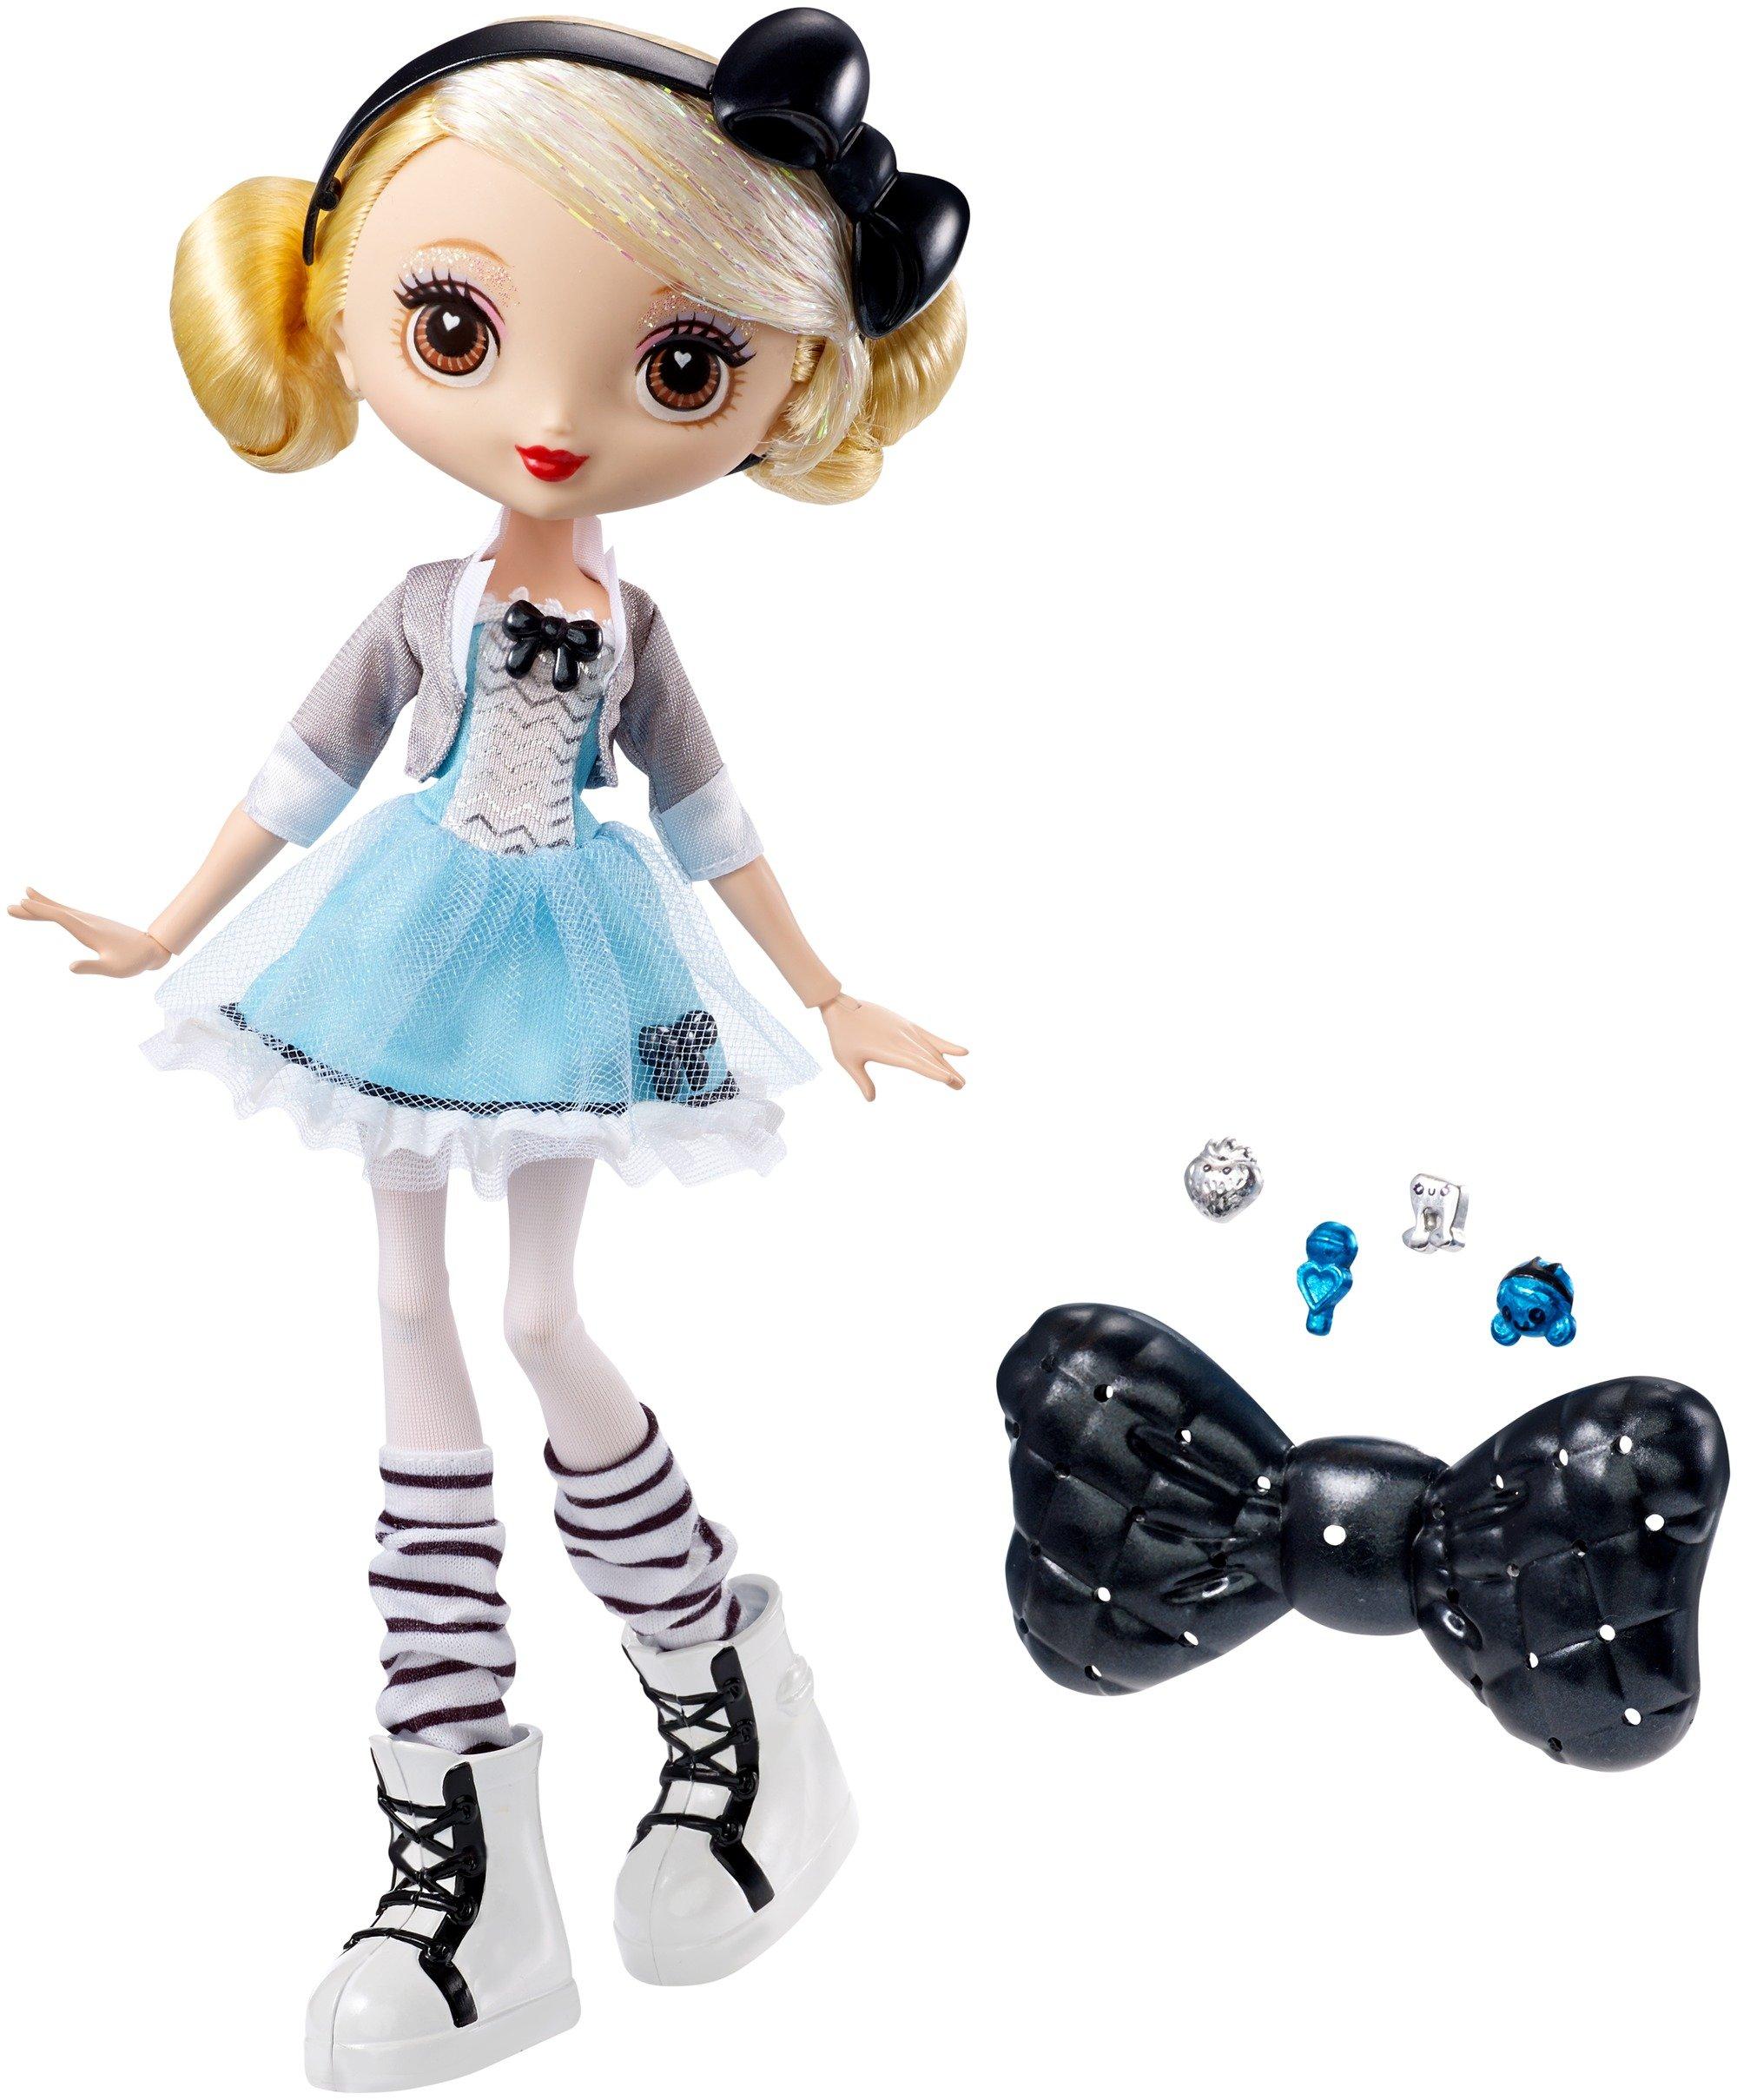 Mattel Kuu Kuu Harajuku Love Doll DWX03